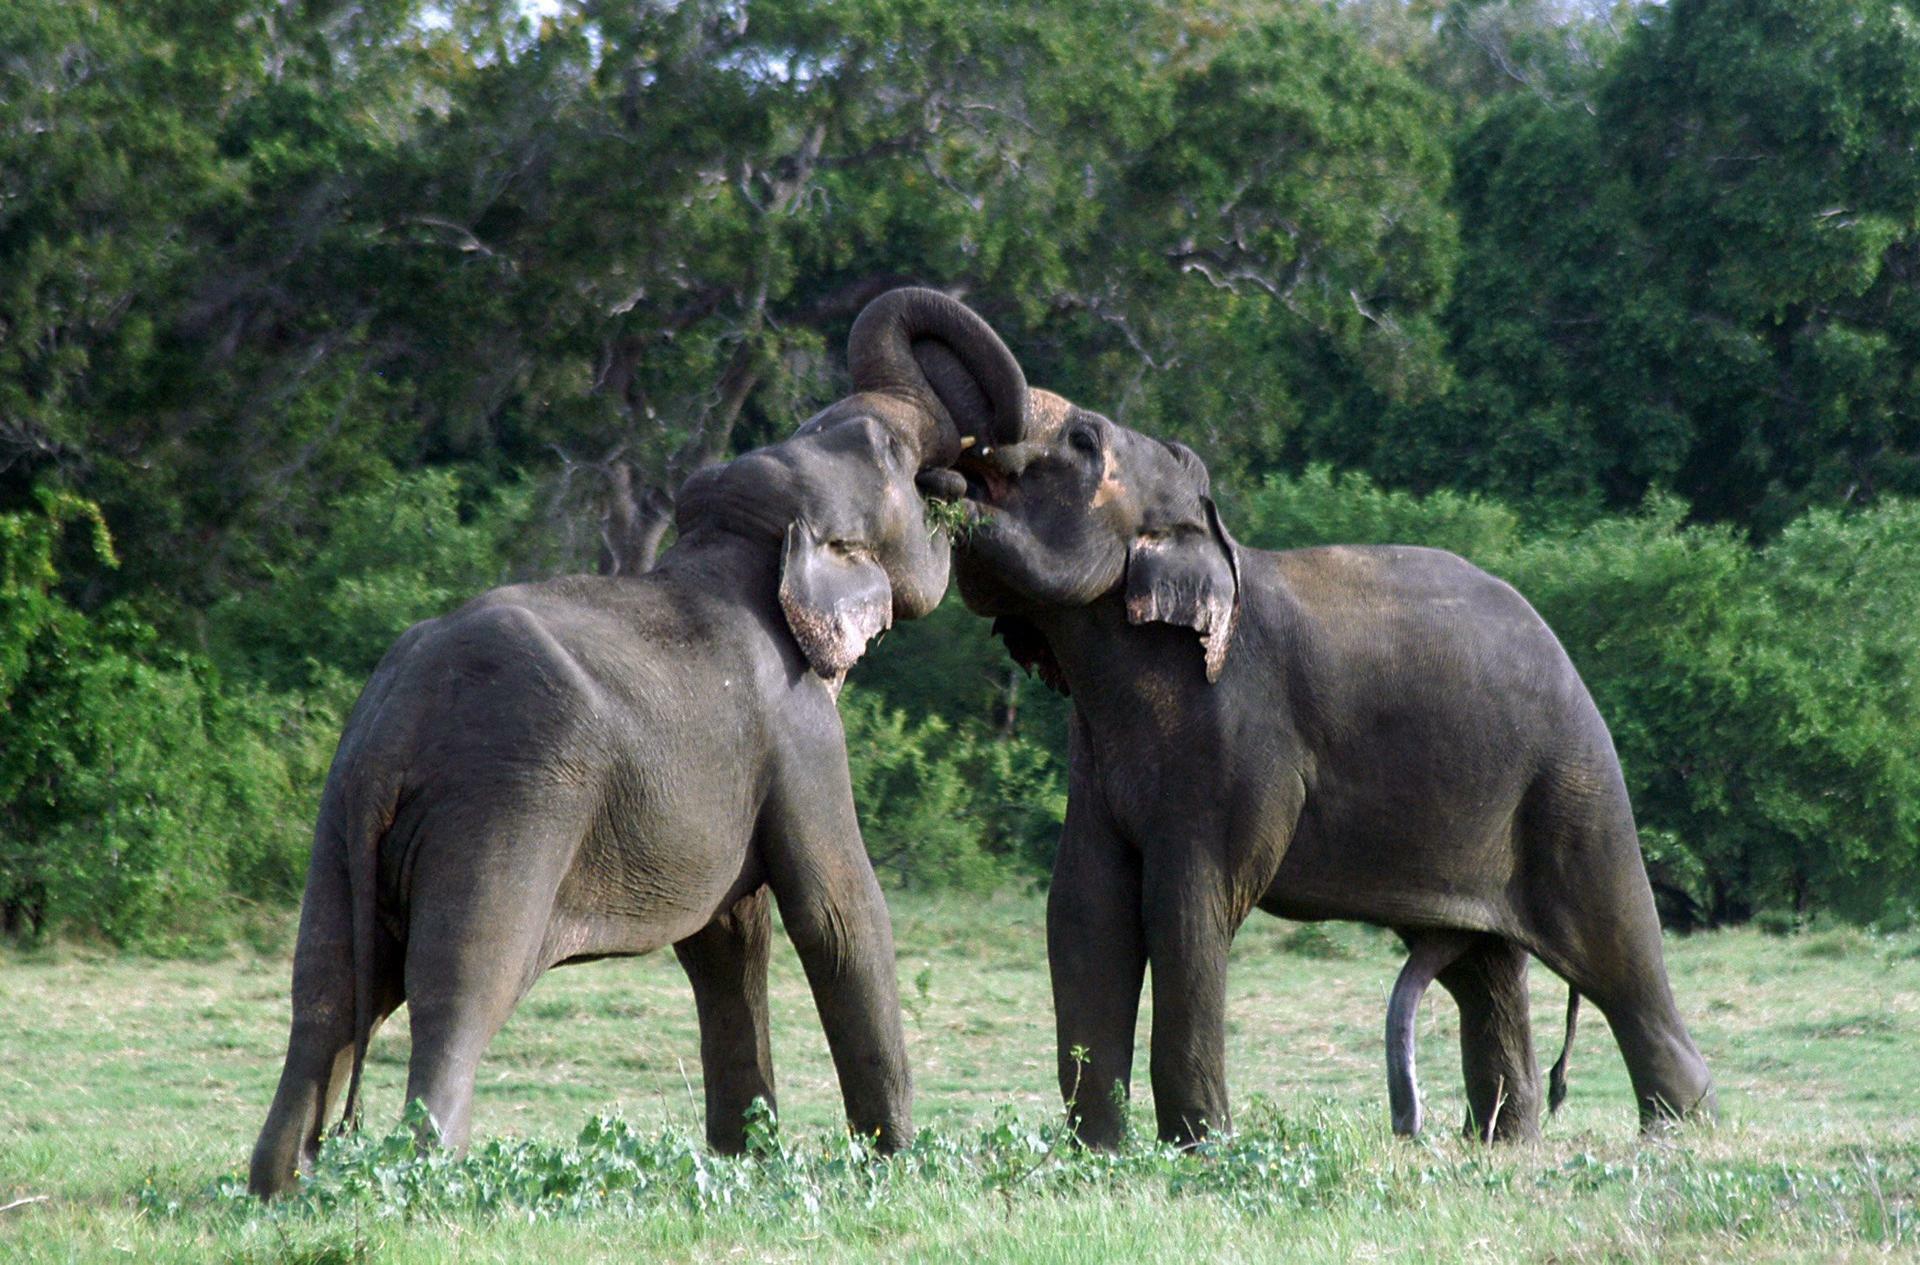 Gemeinsam stark: Elefanten lösen komplexe Aufgaben gern im Team.  Quelle: REUTERS